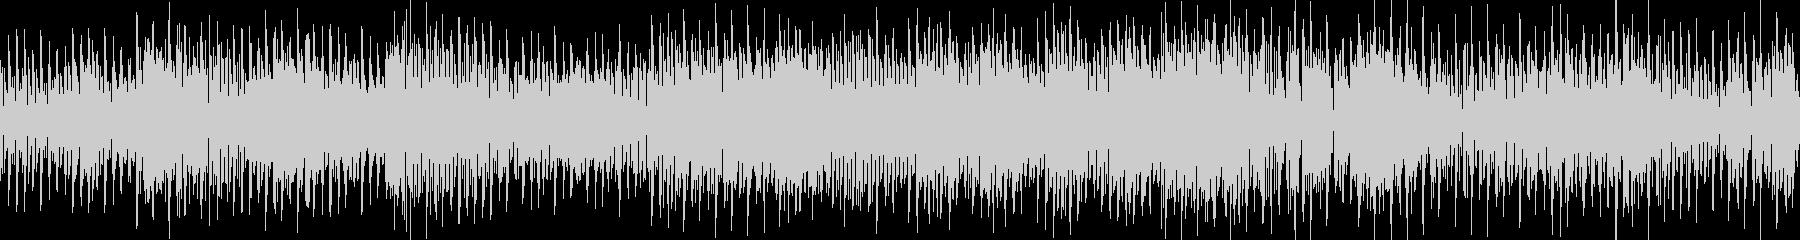 オープニング・ダンスミュージック・ループの未再生の波形